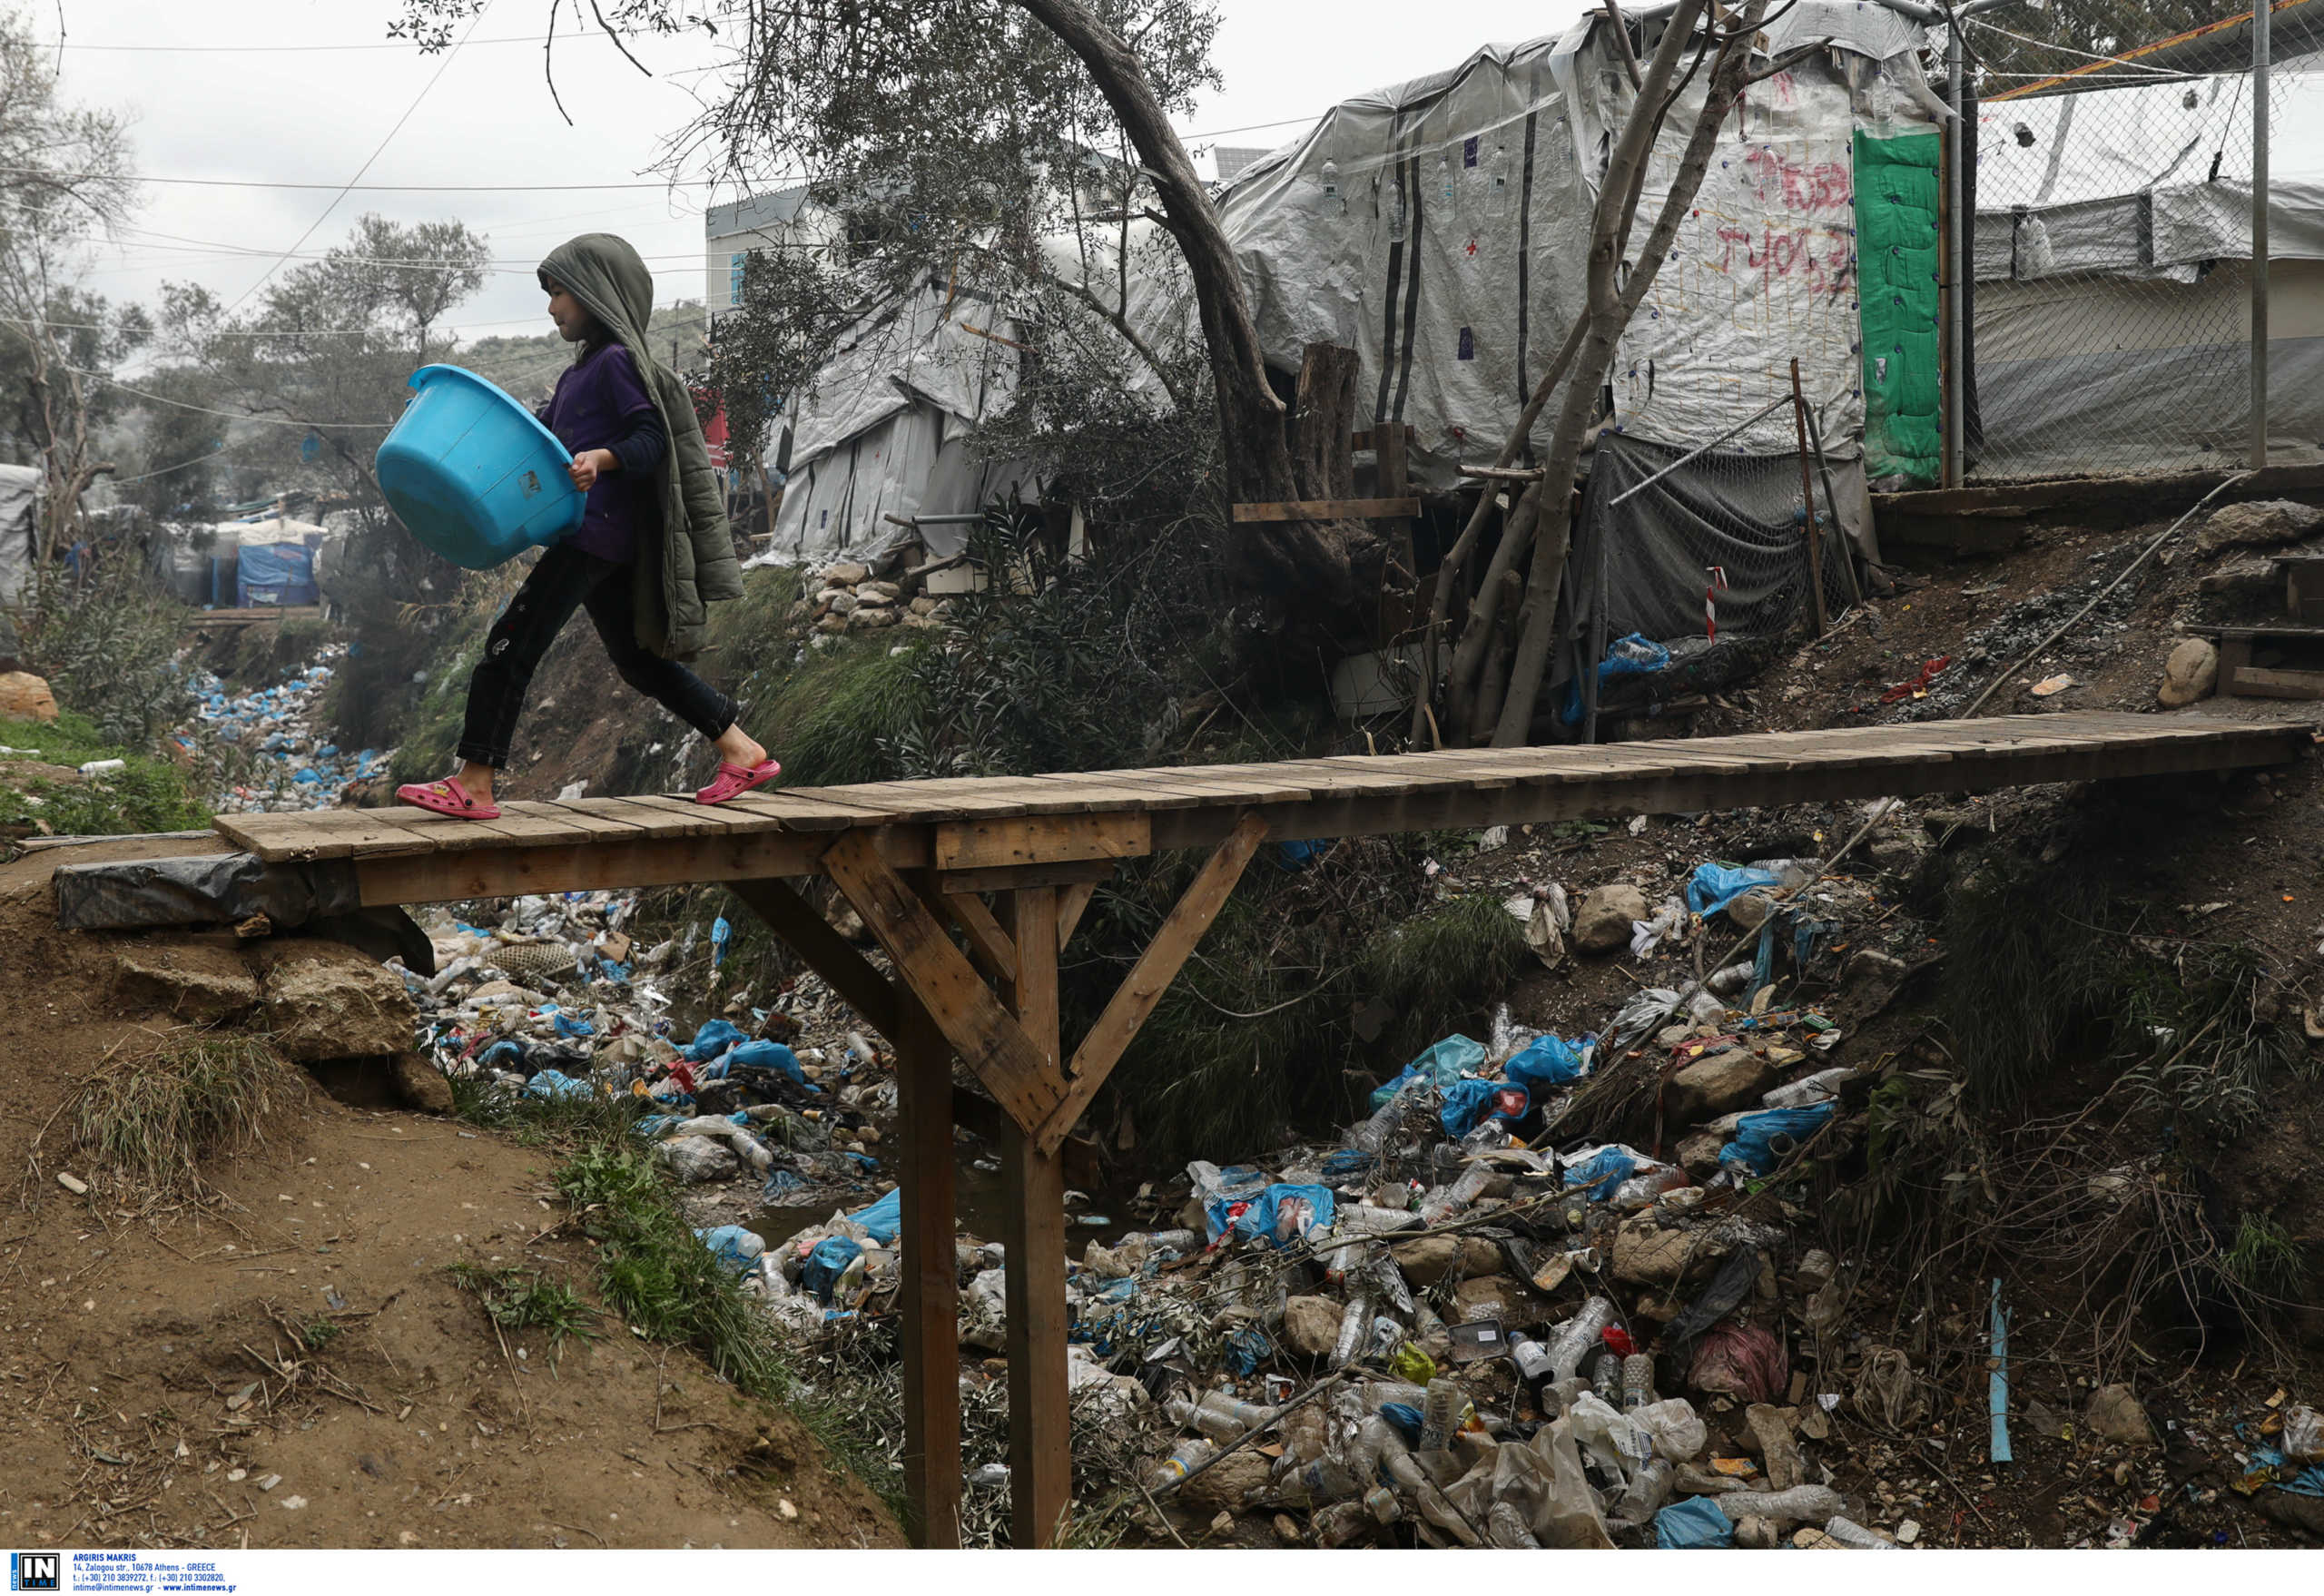 Λέσβος: Νέες εικόνες στην κόλαση της Μόριας! Σκουπίδια και βλέμματα παραίτησης (Φωτό)